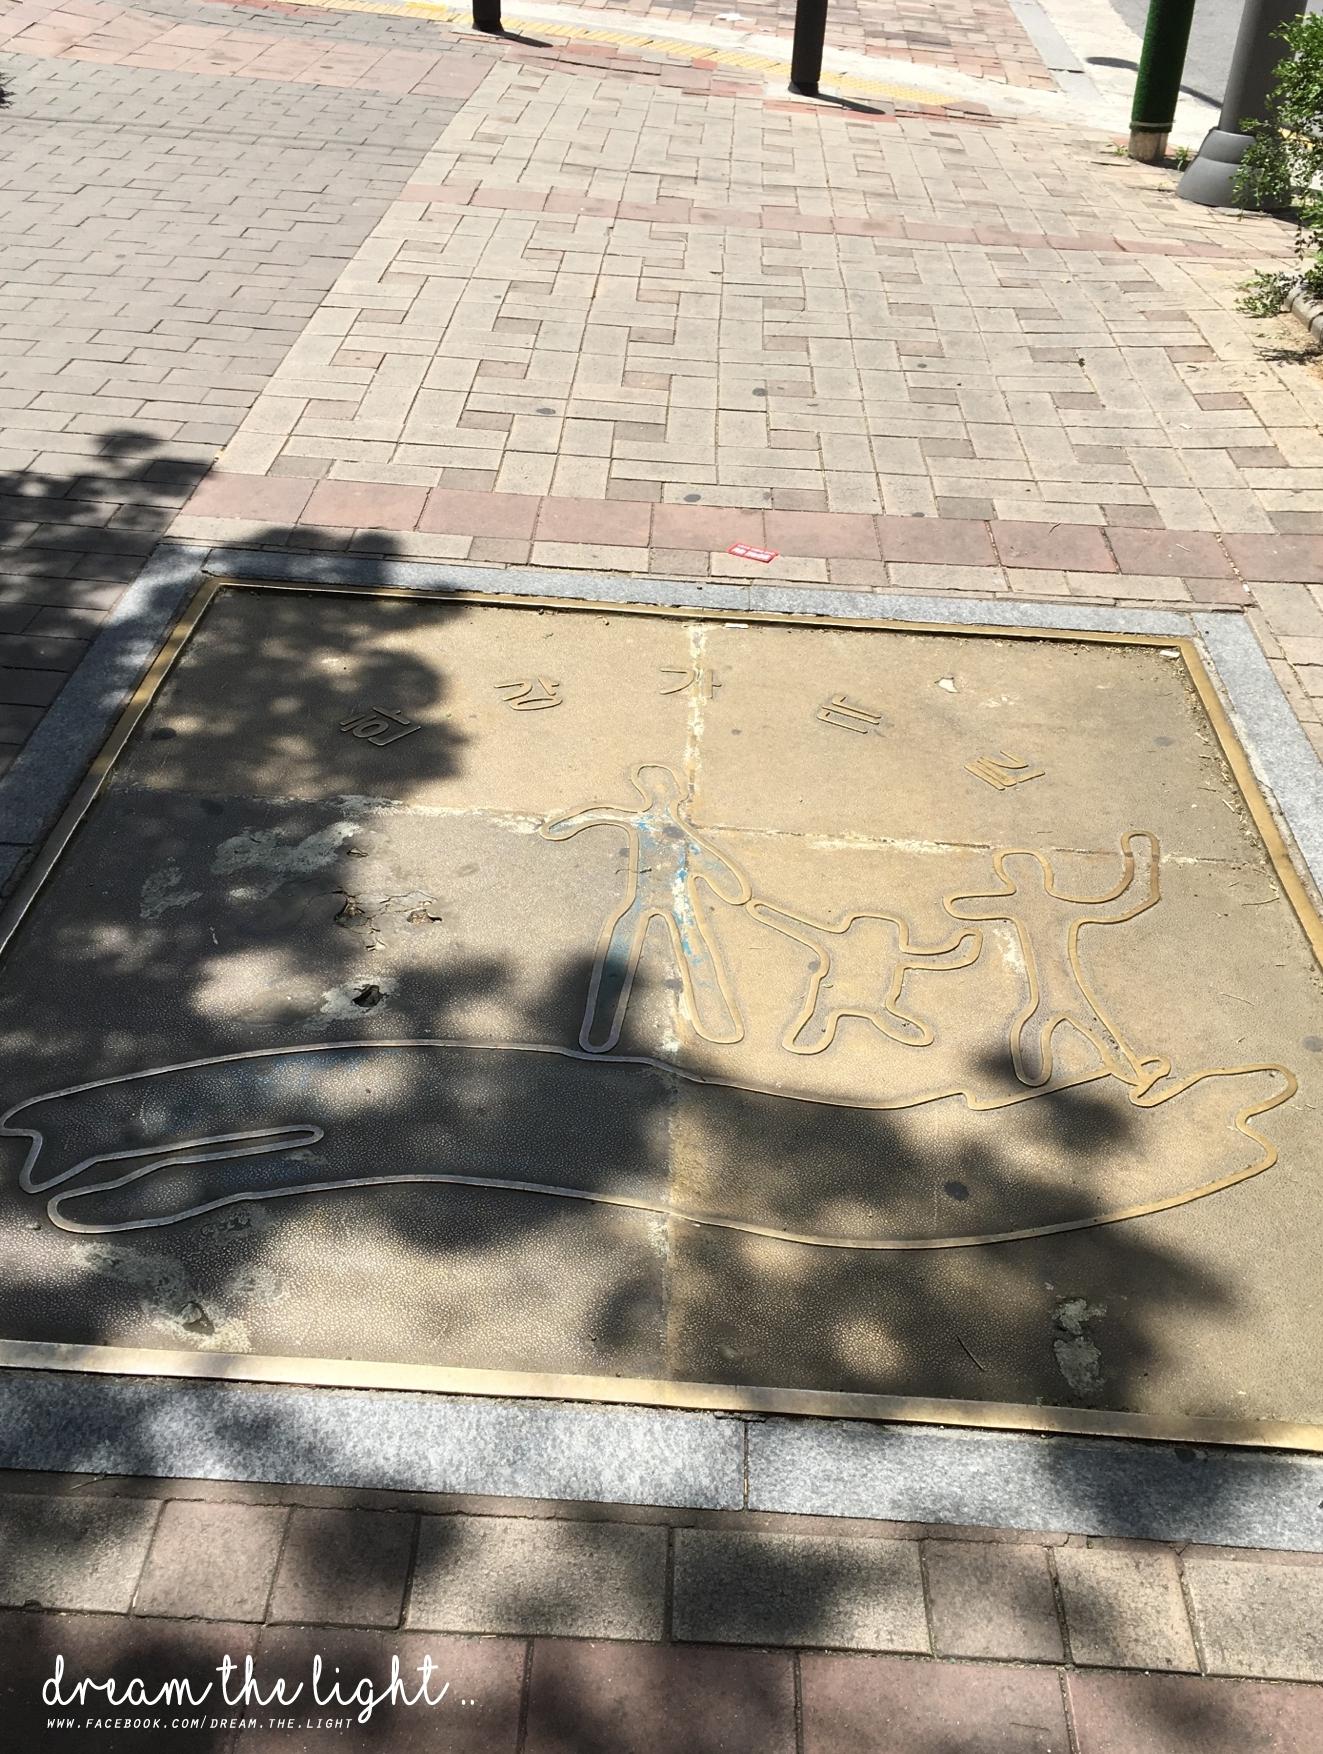 zzang zzang!就是去「漢江公園」的路上,現在大概是中午 12 點左右,冒著被曬成人乾(?)的危險,為了一碗「泡麵」GO GO GO 中´ω`